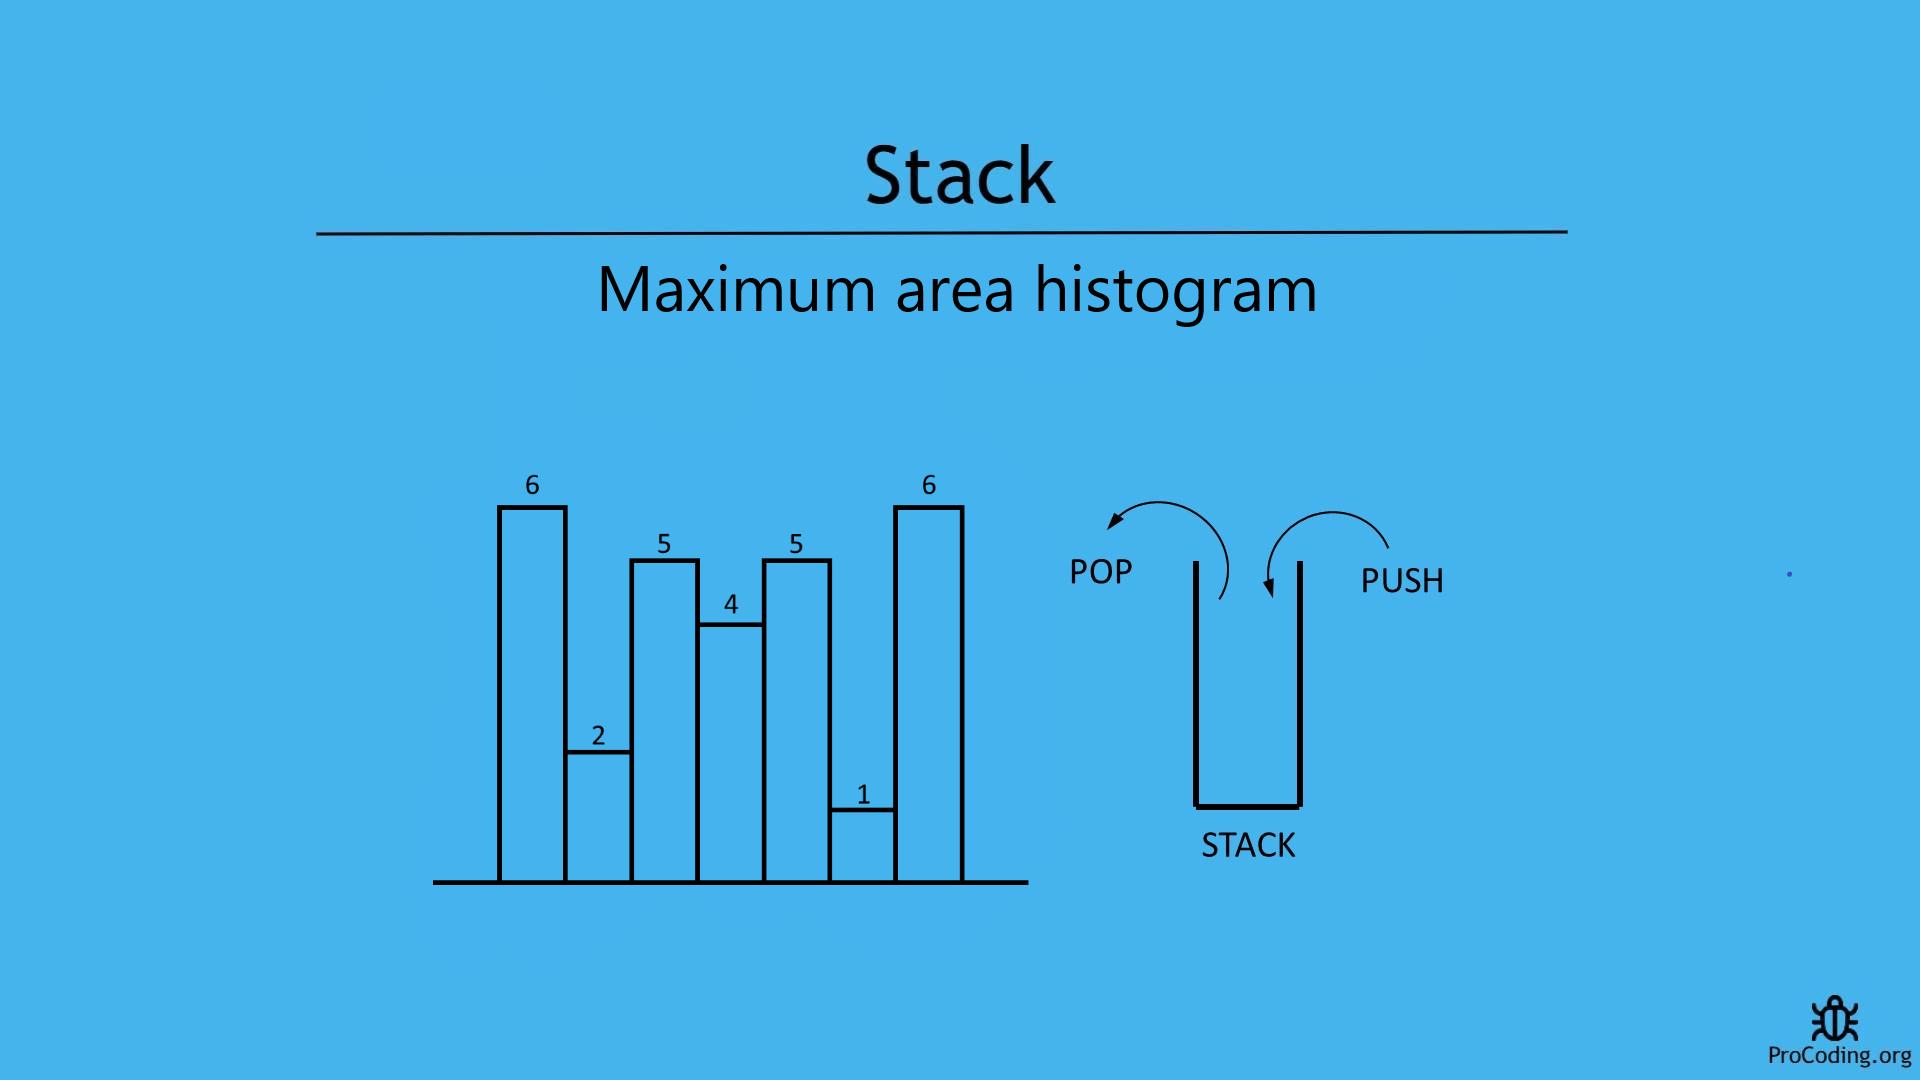 Maximum area histogram